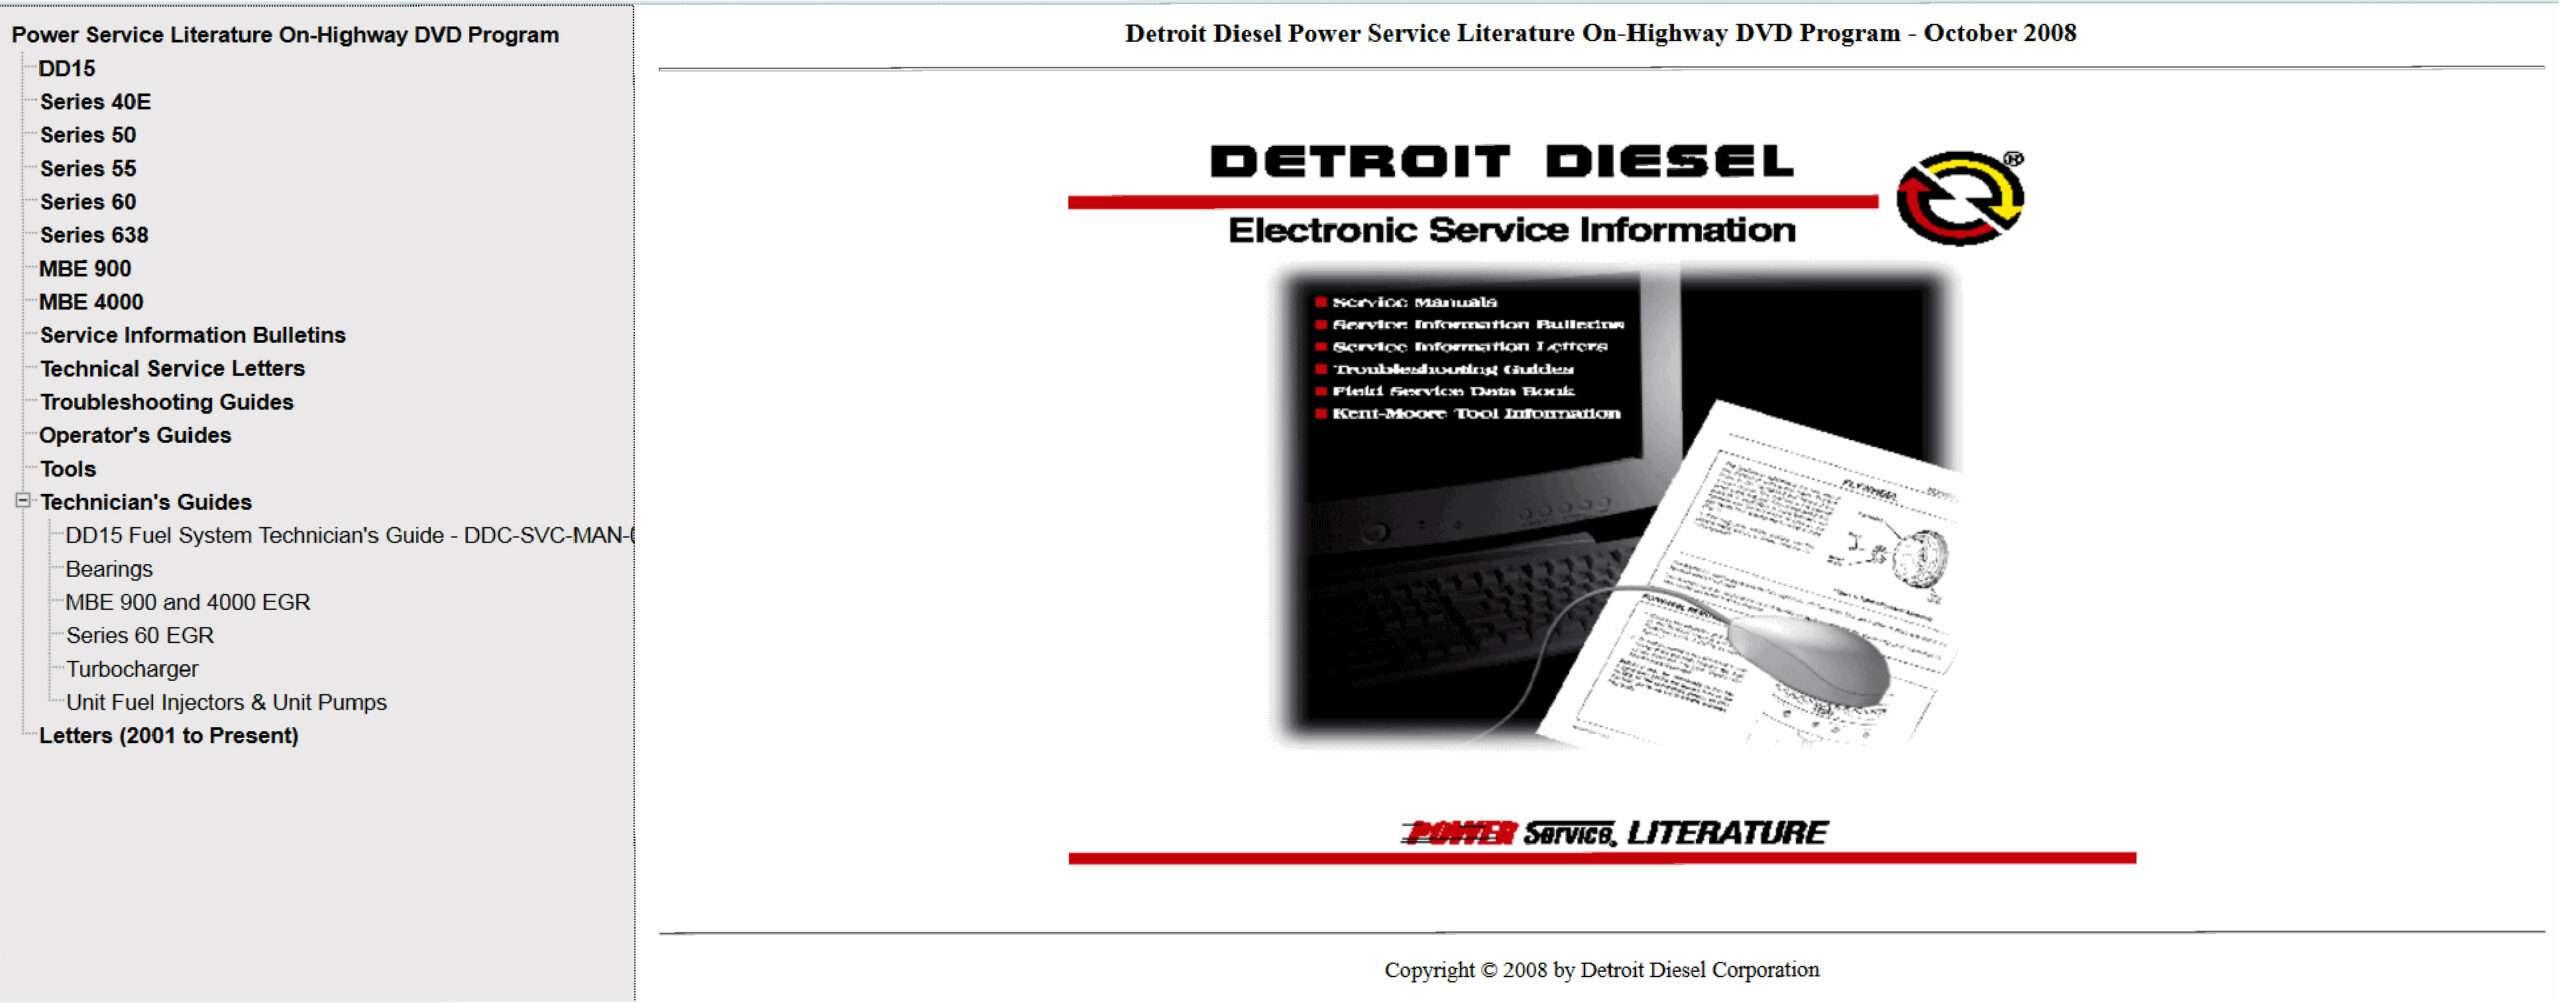 Detroit Diesel Power Service Literature Off-Highway SS-01